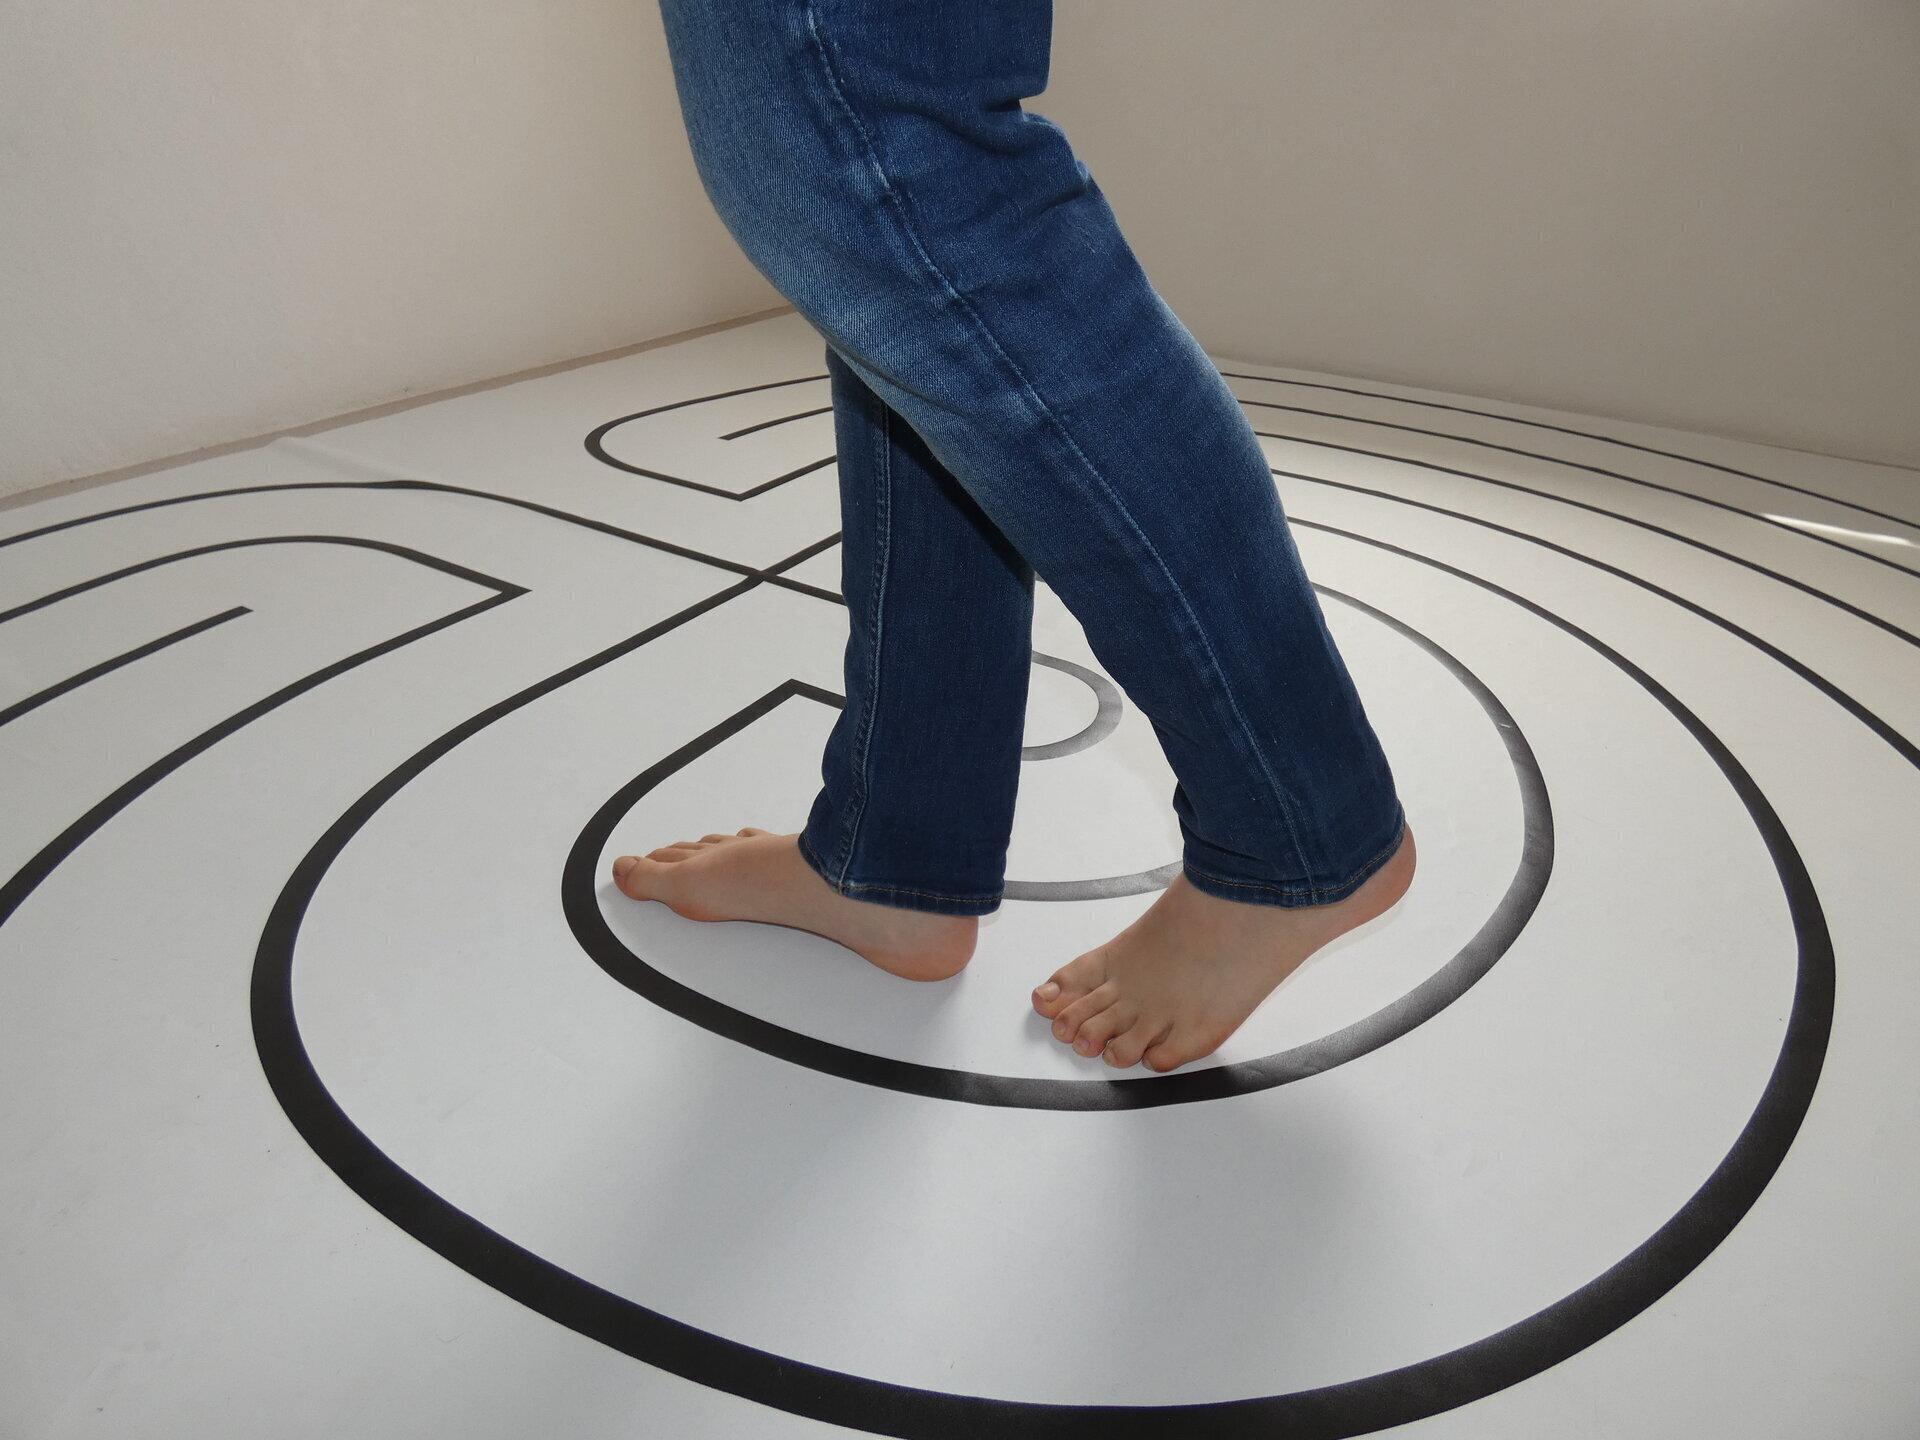 Gehen im Labyrinth